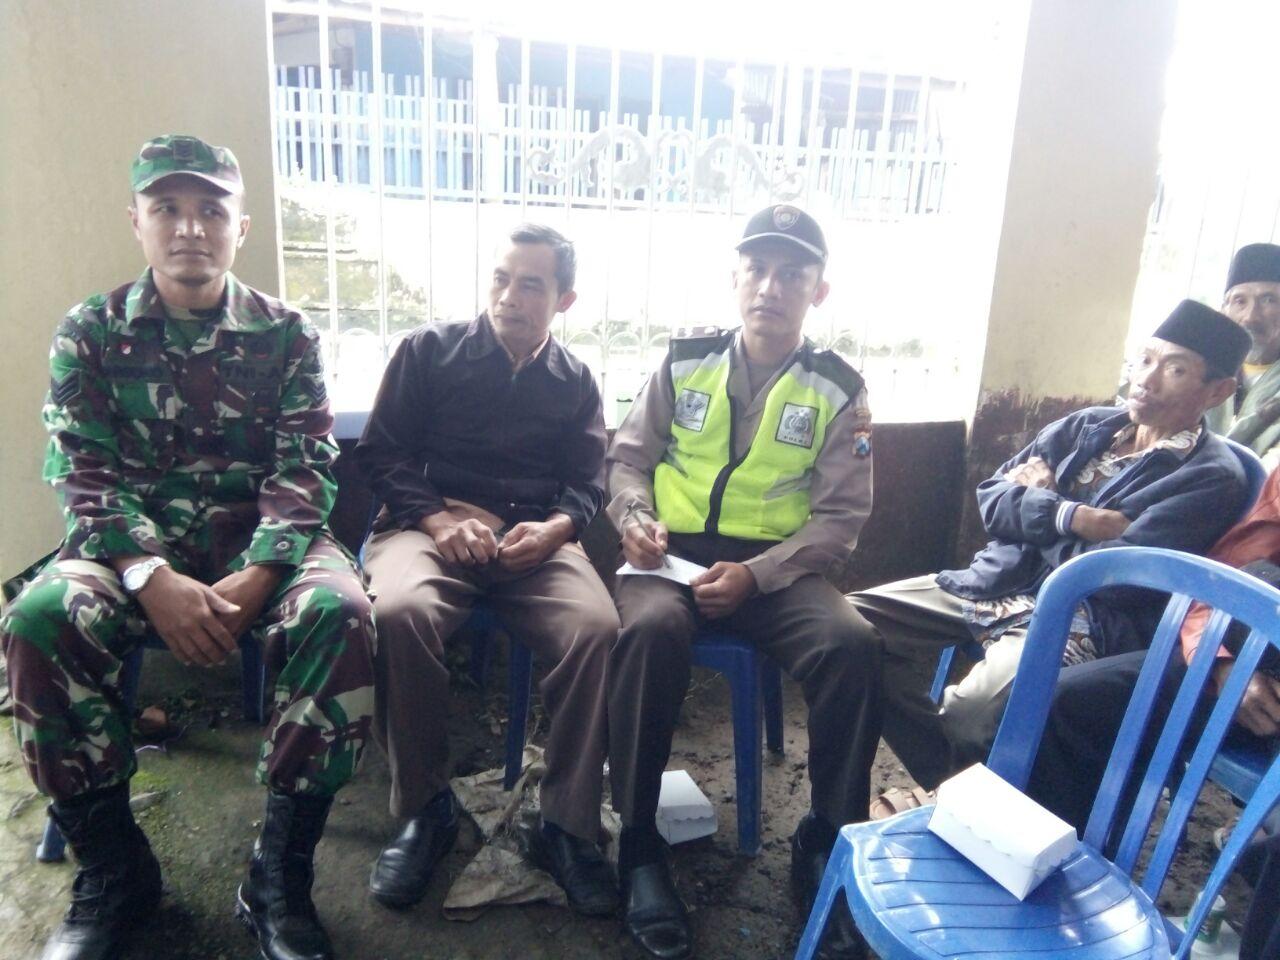 Polsek Pujon Polres Batu Bersama TNI Menghadiri Giat Warga Madirejo